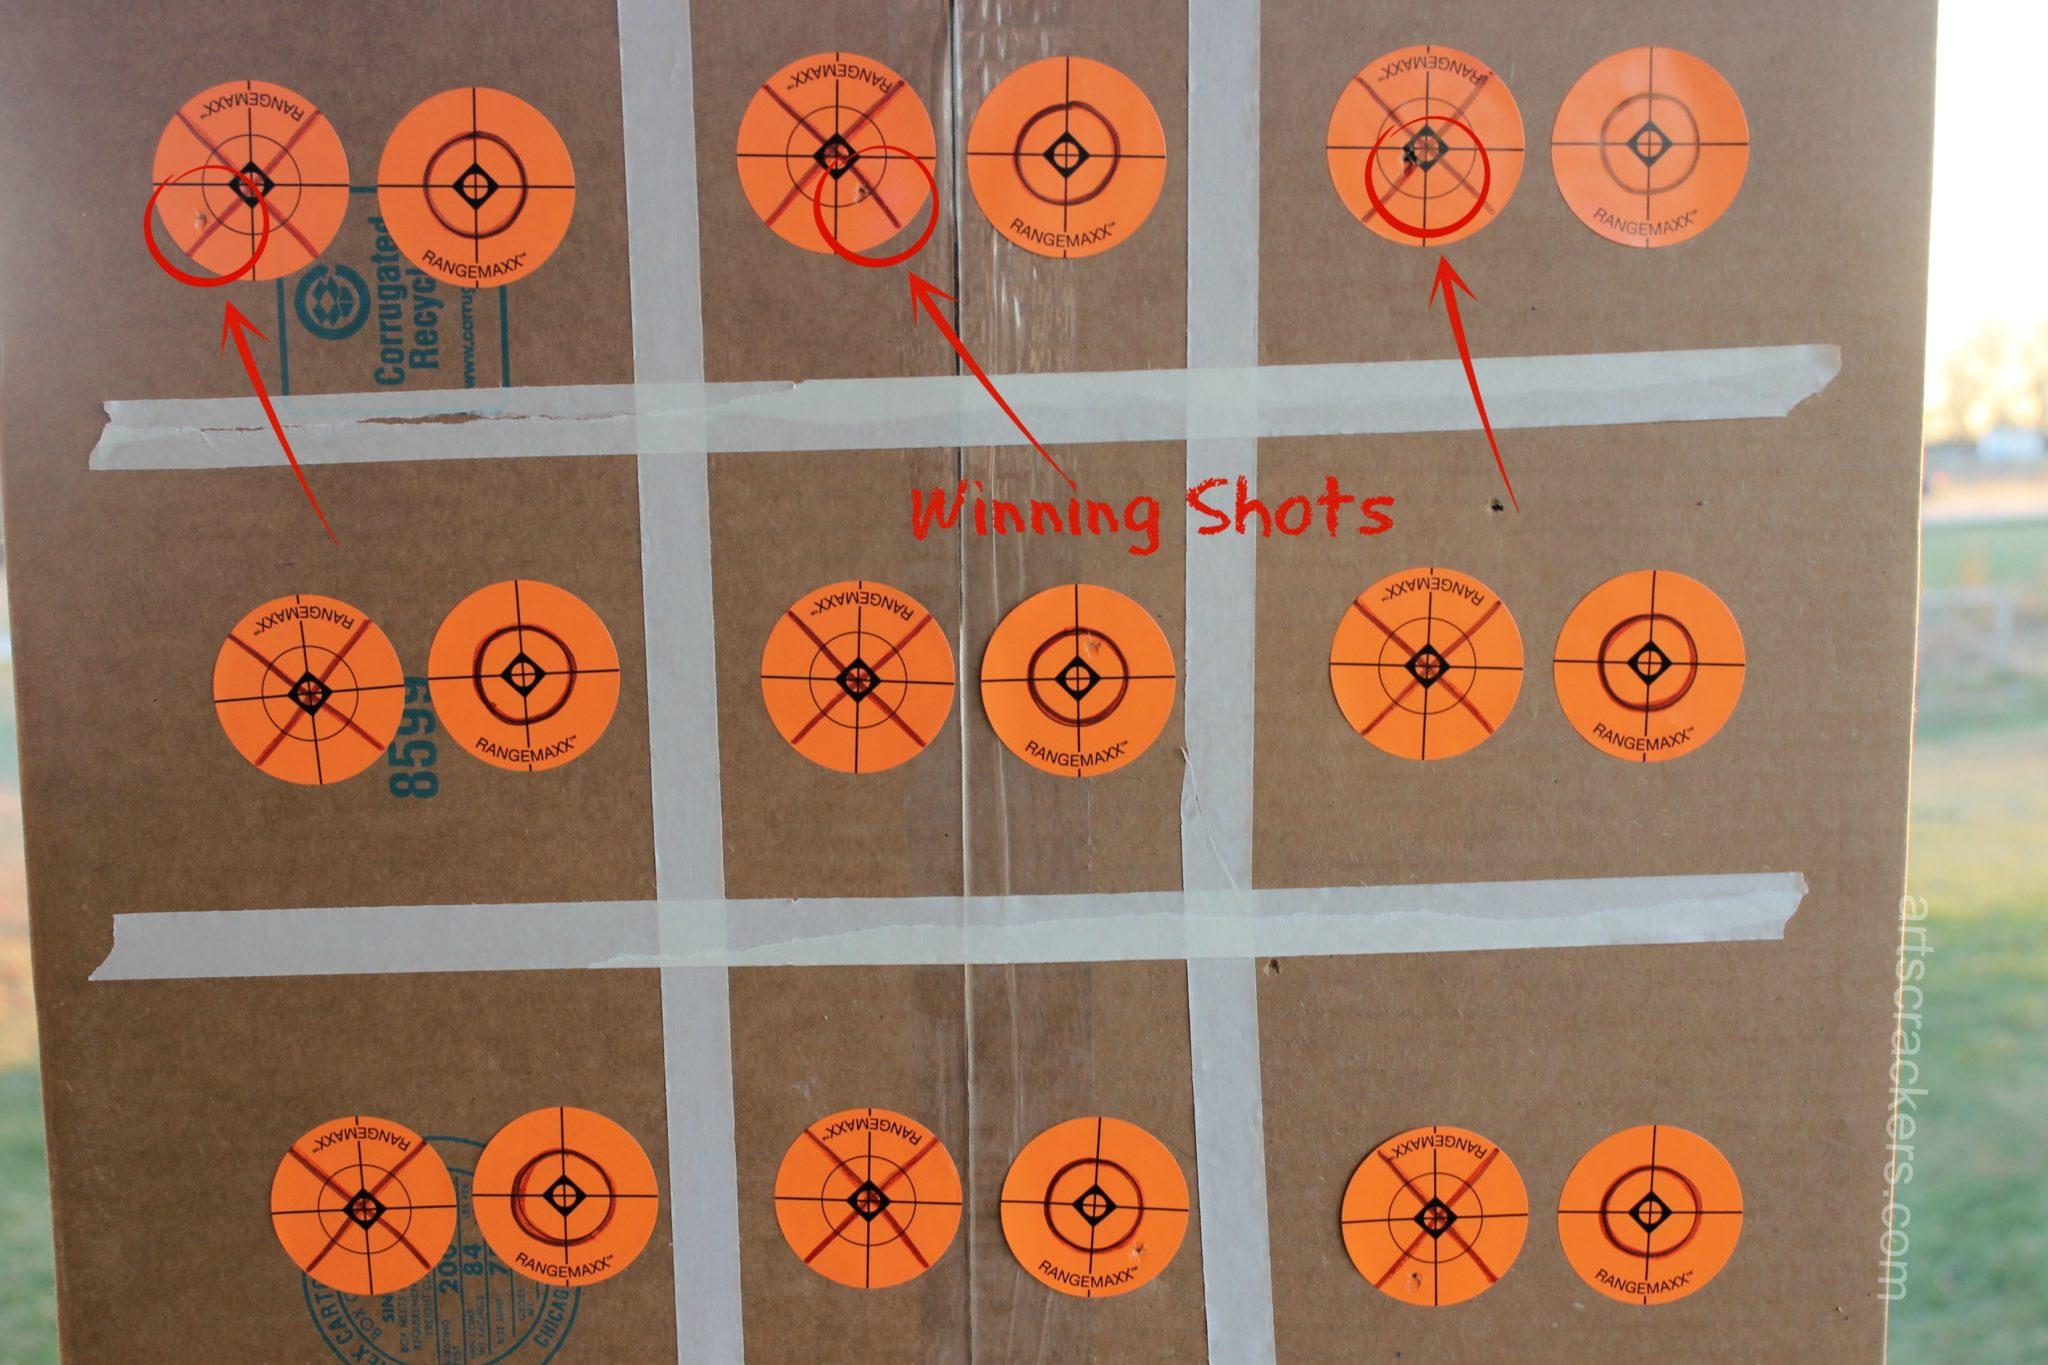 BB Gun Tic Tac Toe Winning Shots